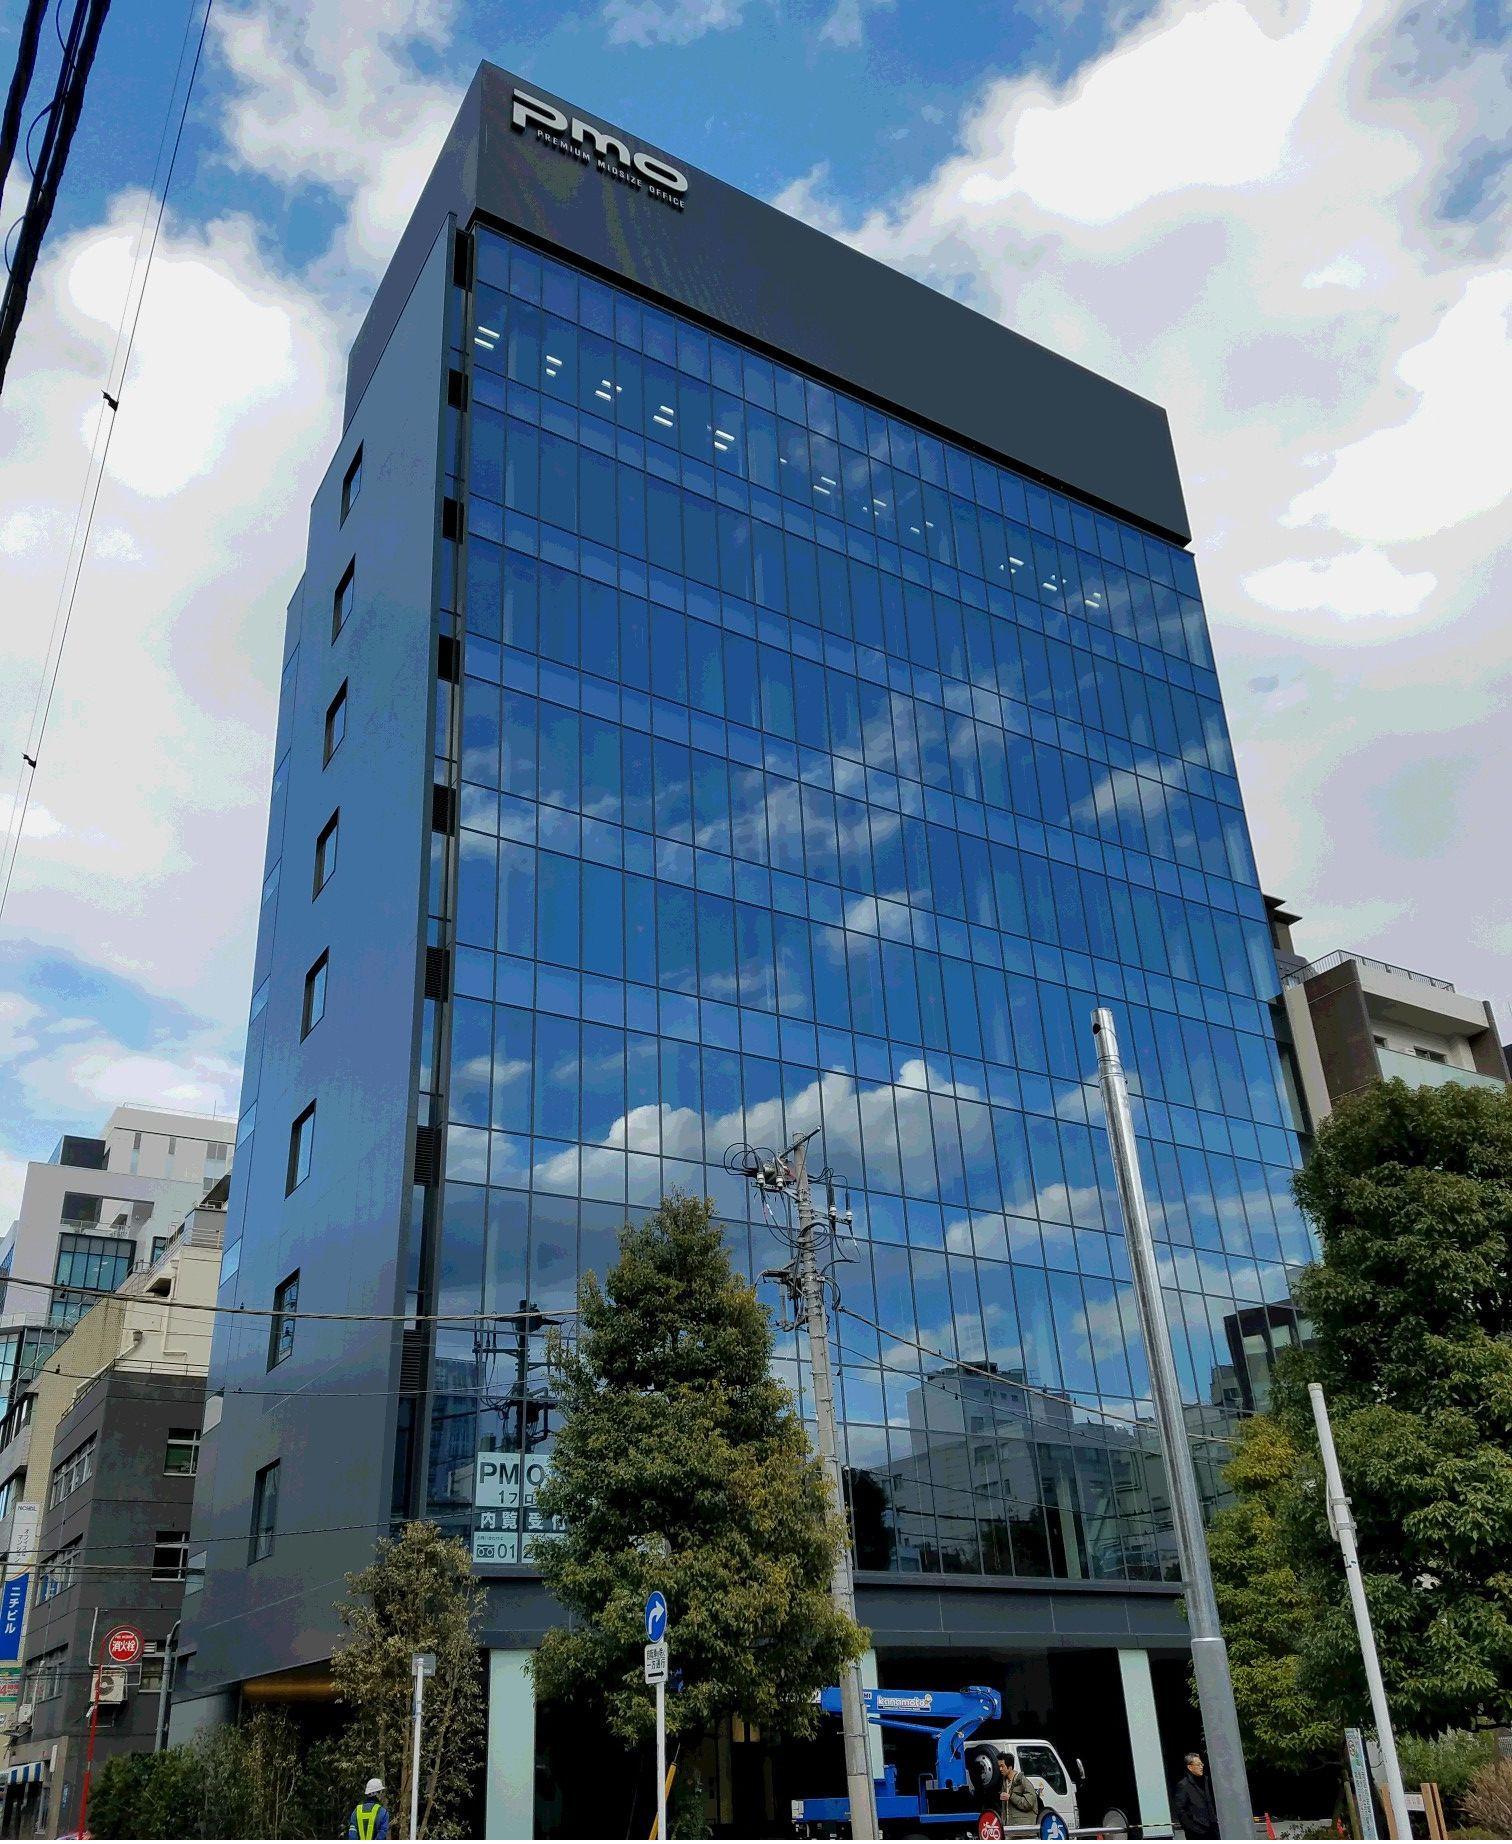 PMO西新橋 東京都港区西新橋2-9-1